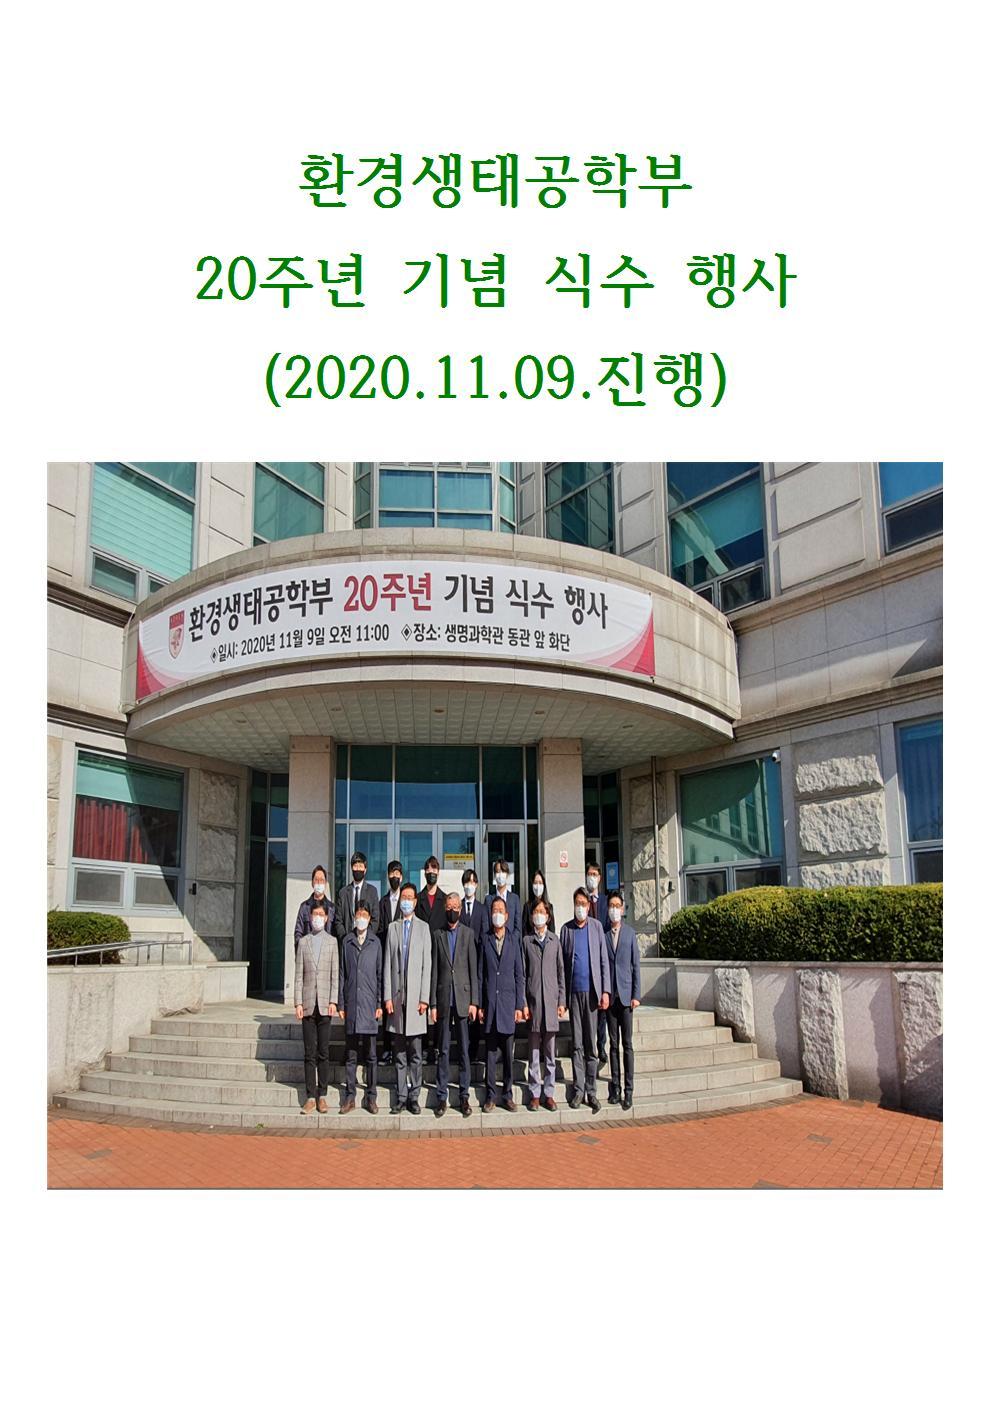 [환경생태공학부] 환경생태공학부 20주년 기념 식수행사(2020.11.09. 진행)